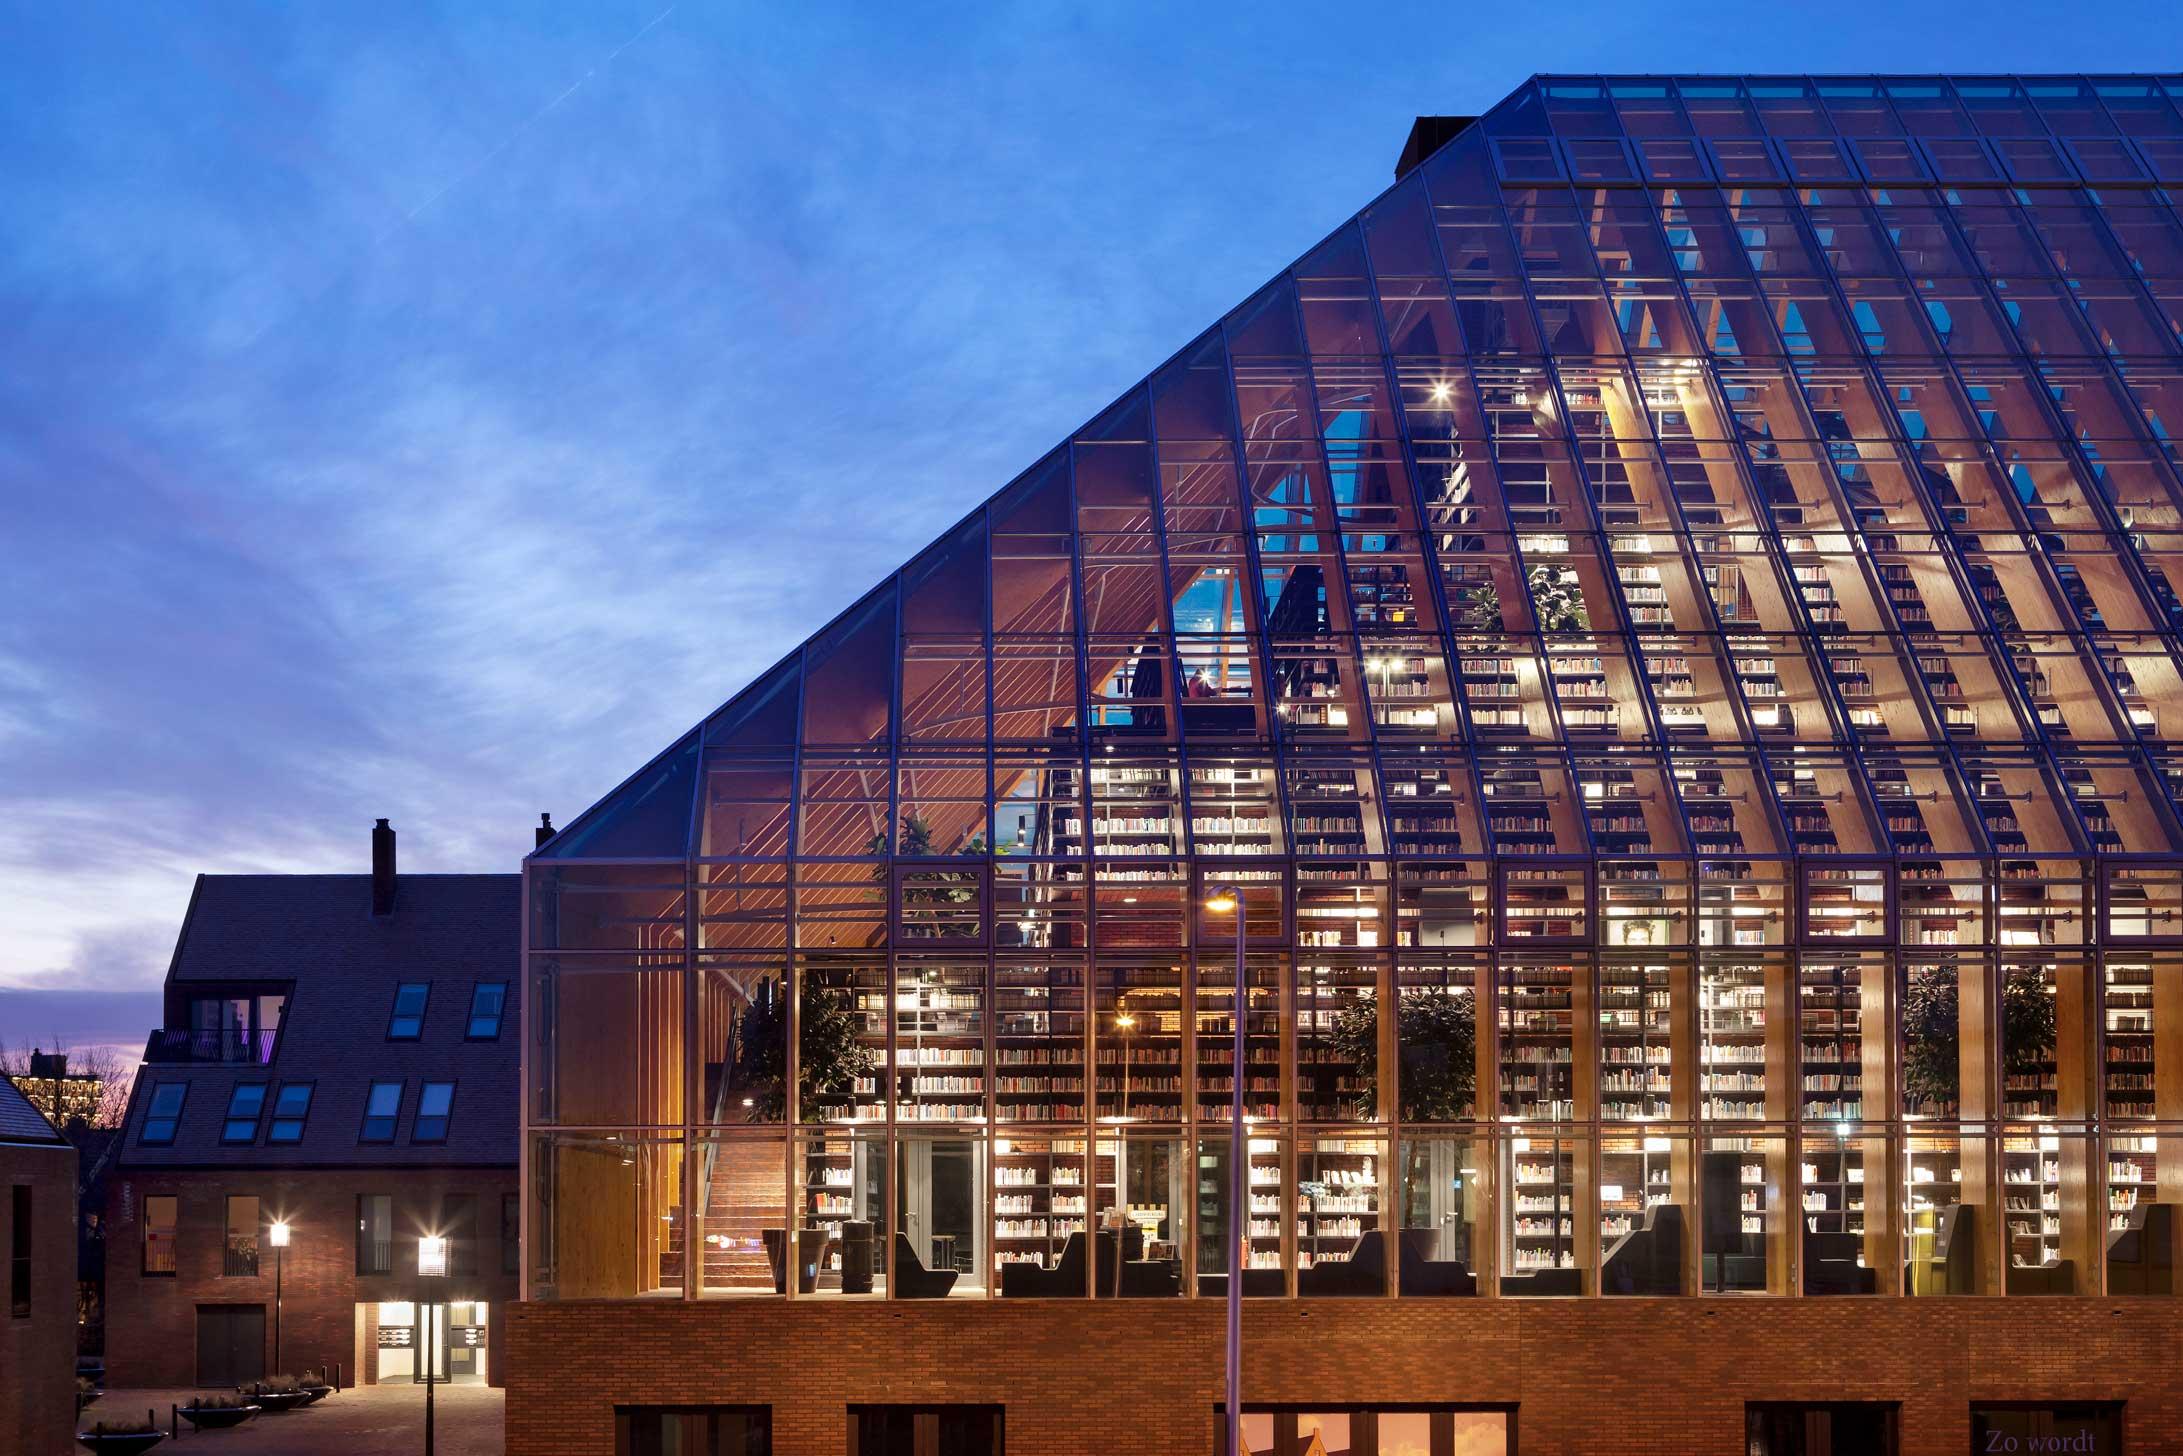 Lijstje-mooiste-bibliotheken-Nederland-De-Boekenberg-Spijkenisse-2